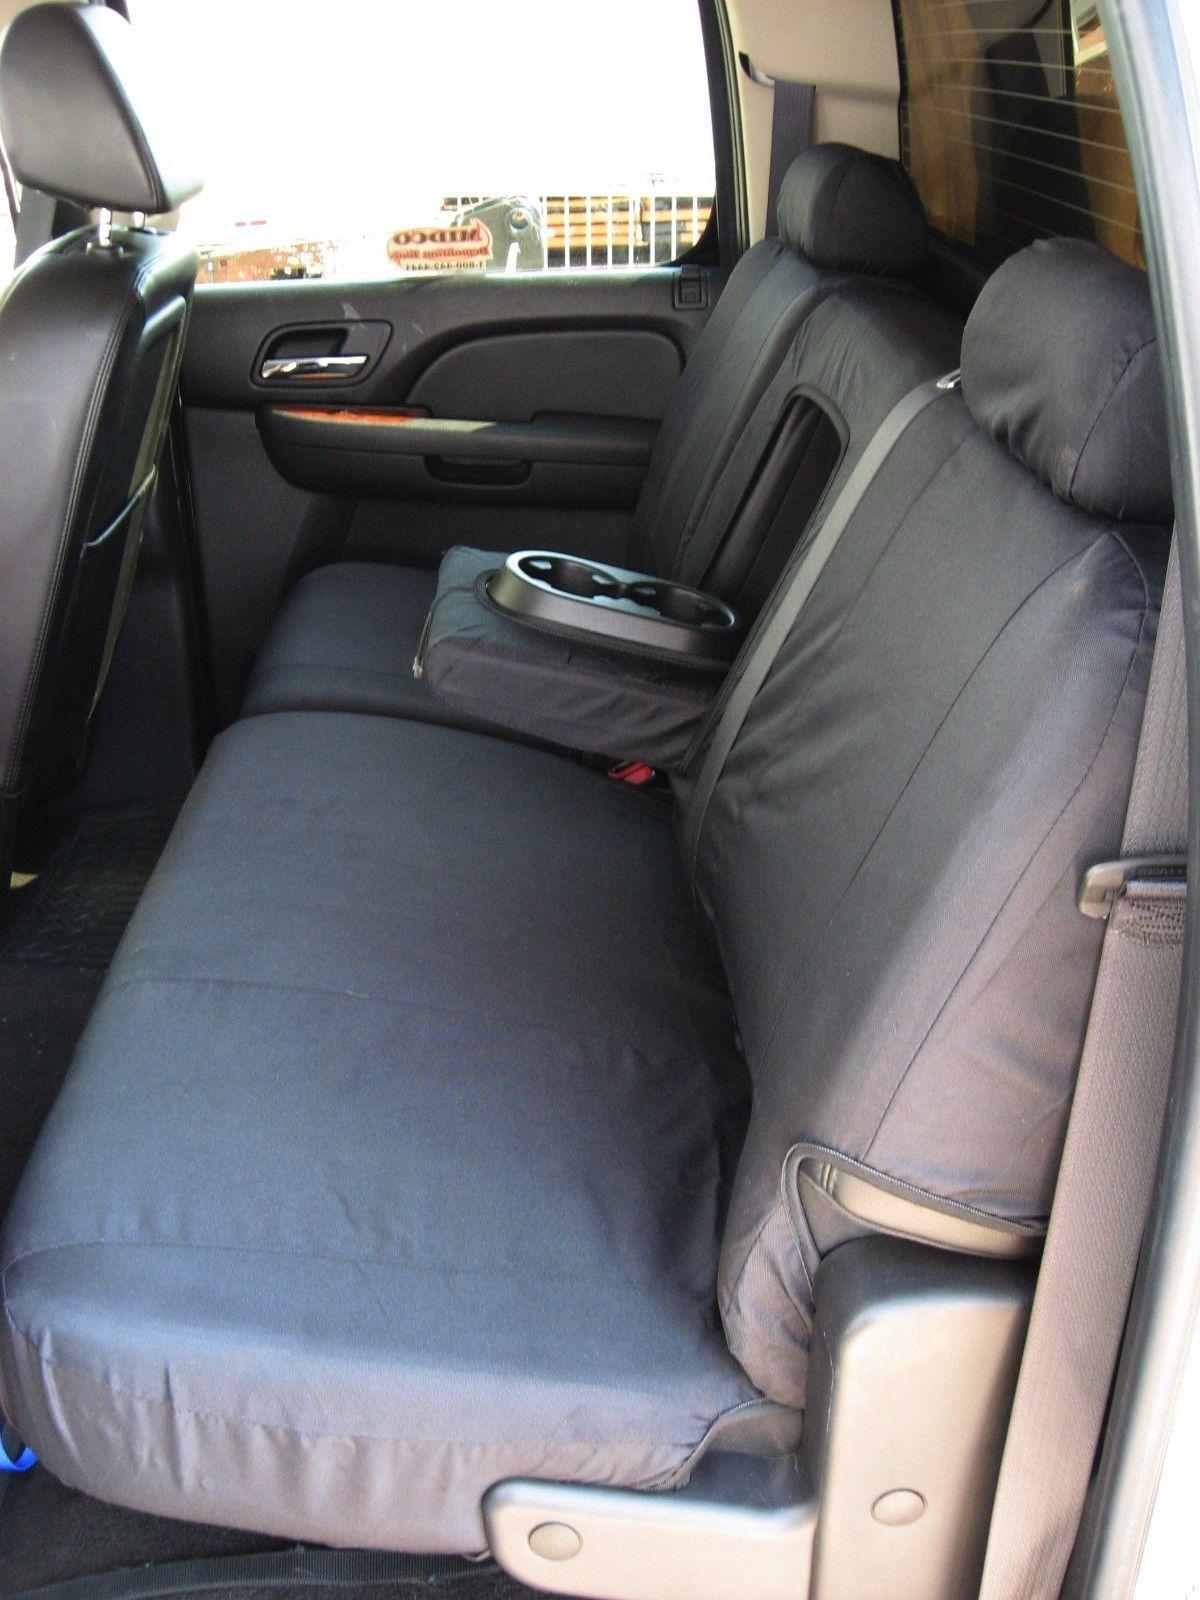 2013 Silverado Seat Covers Camo Ebay